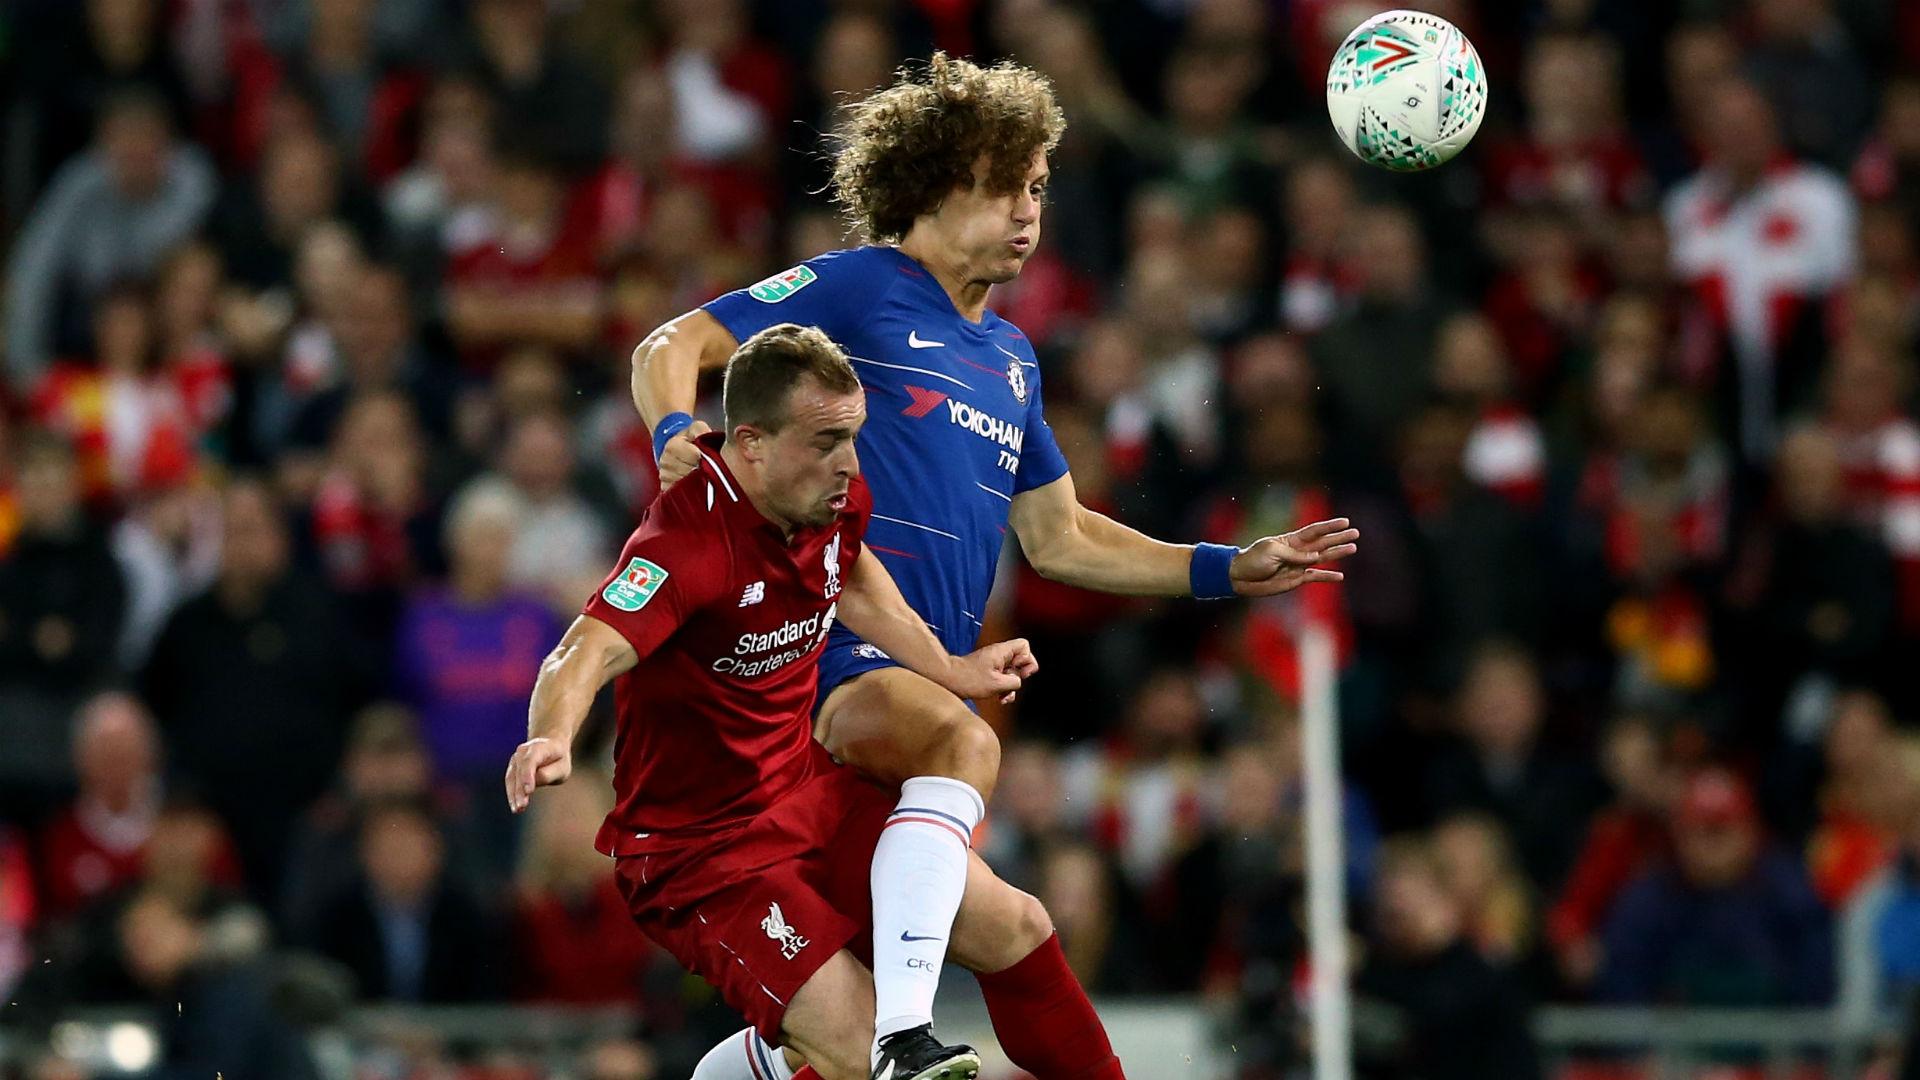 Xherdan Shaqiri David Luiz Liverpool Chelsea League Cup 26092018